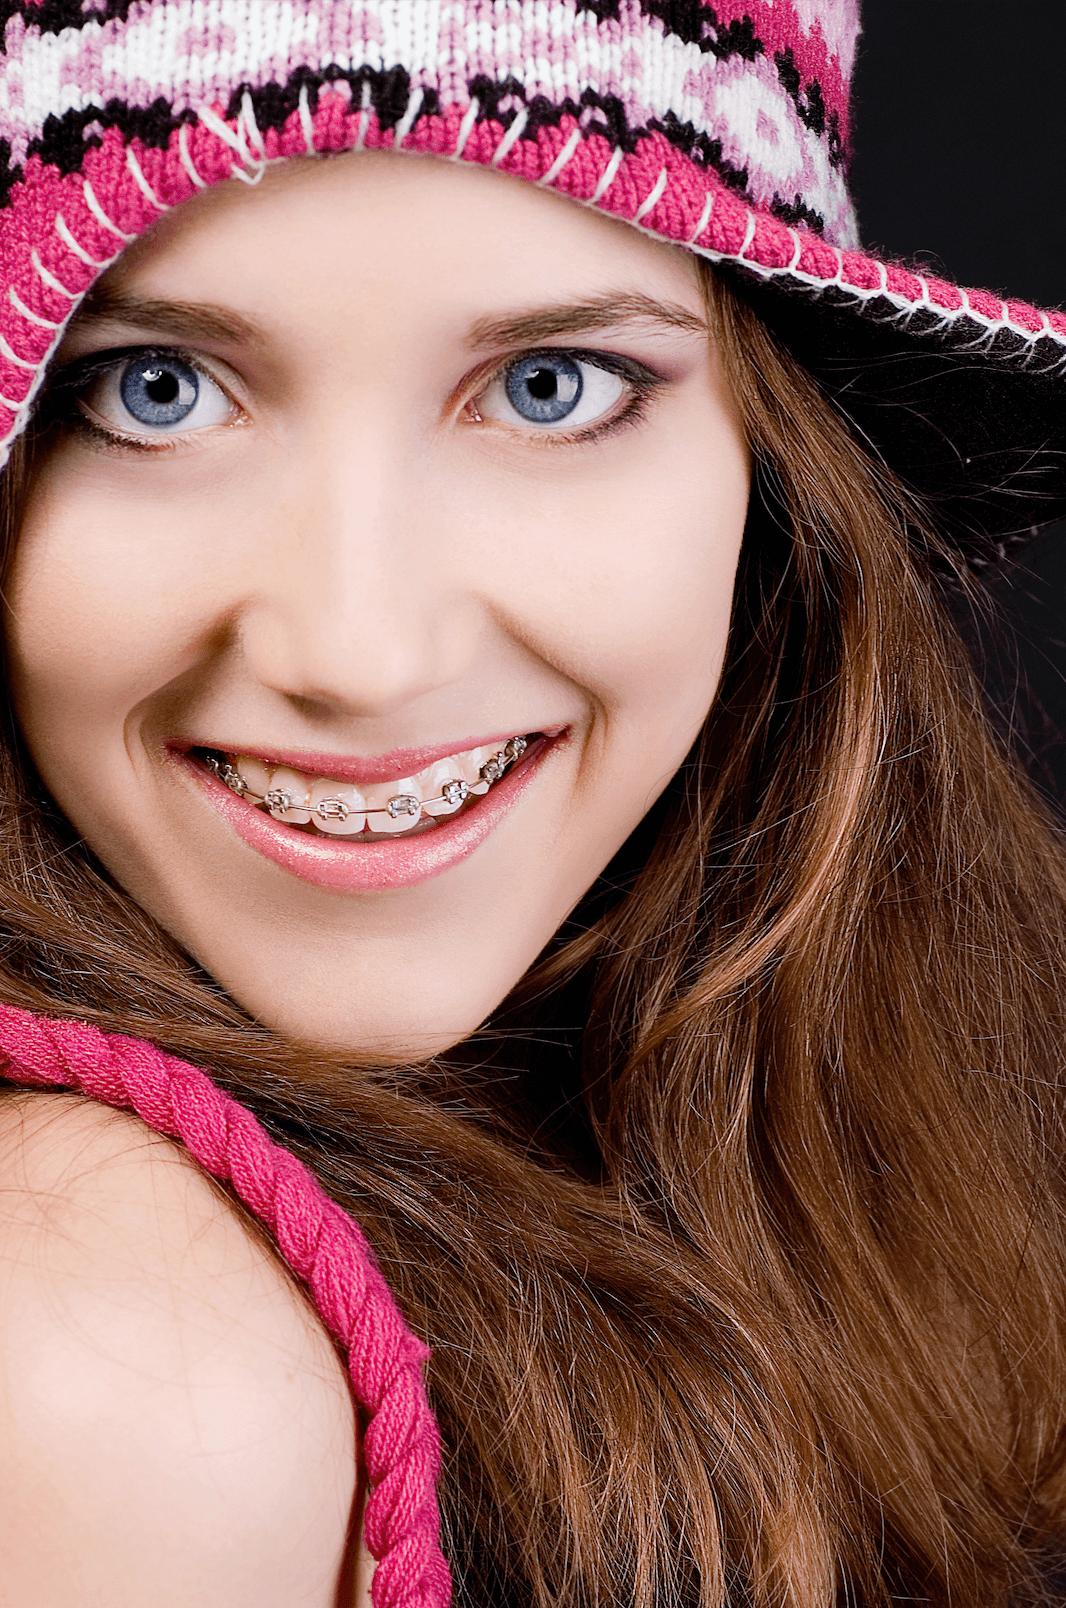 Cómo Funciona la Ortodoncia: Frenillos